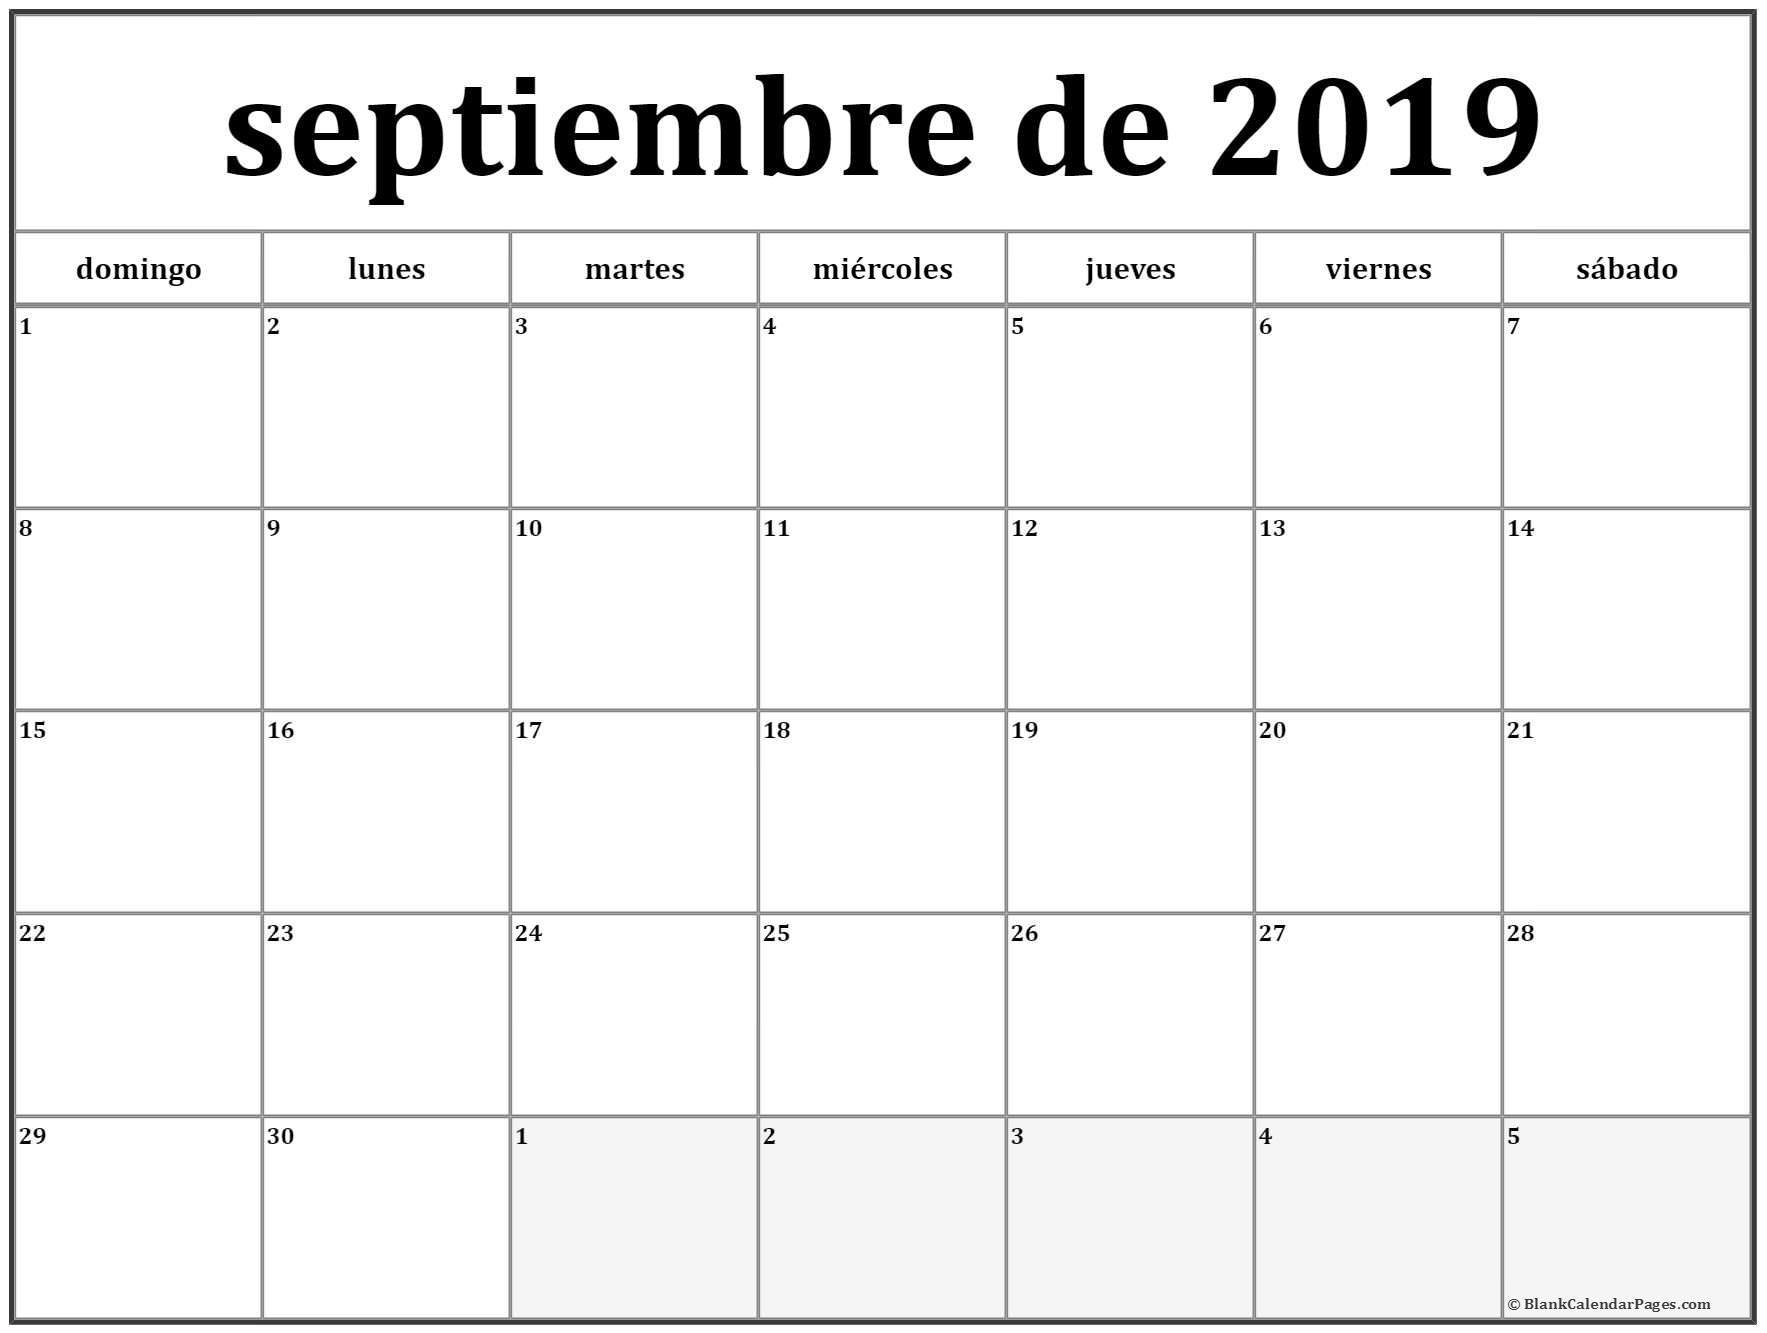 Calendario 2019 Chile Para Imprimir Chile Más Recientes Noticias Calendario 2019 Para Imprimir Con Feriados Mexico Of Calendario 2019 Chile Para Imprimir Chile Más Arriba-a-fecha Calendario Agosto 2018 Desk Ideas Pinterest